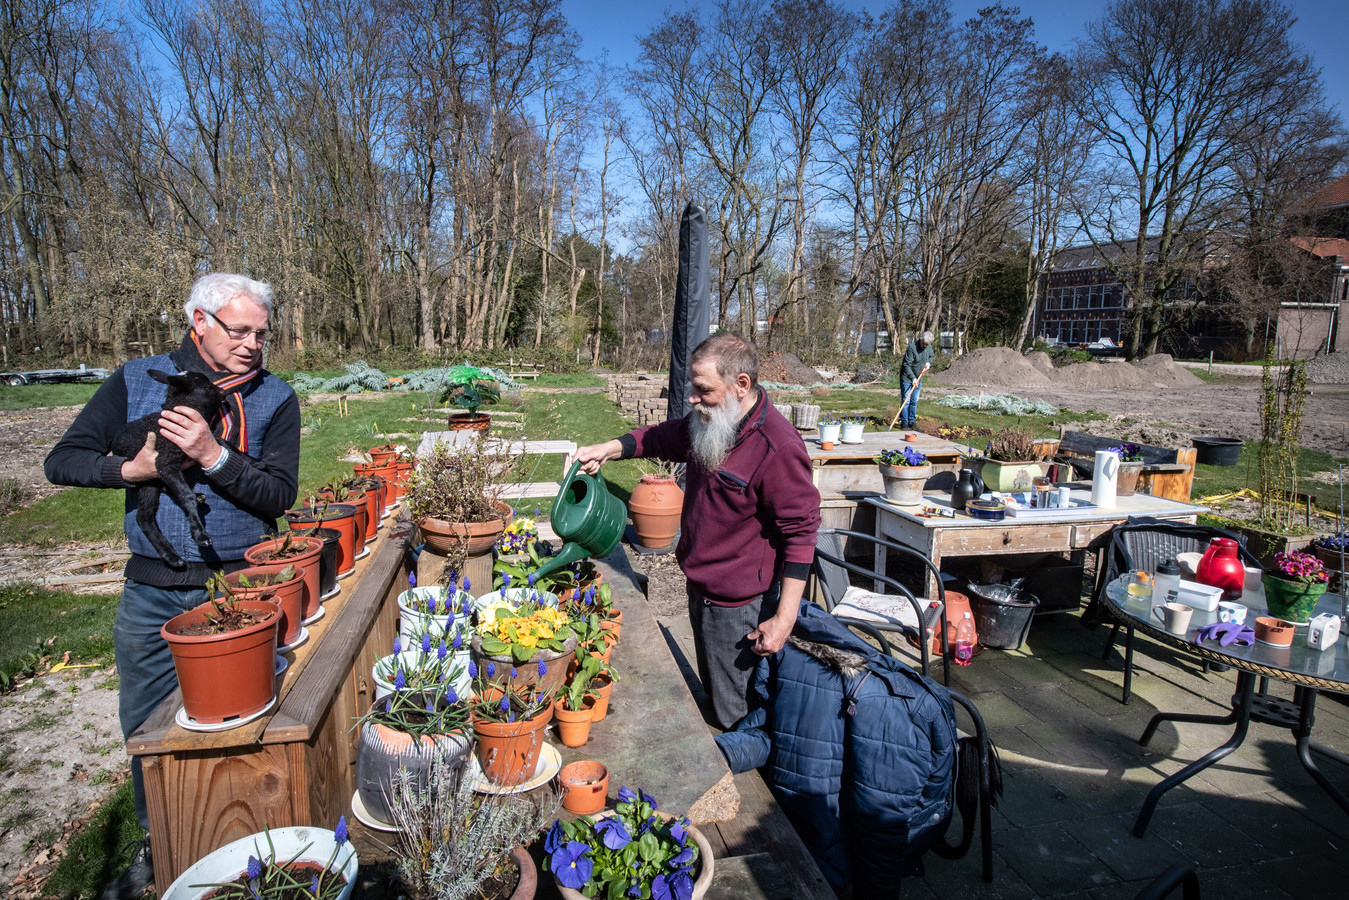 De RIBW-ploeg die de tuin van voormalig klooster Sancta Maria in Nijmegen-Hees bijhoudt, is door de corona veel kleiner dan anders. V.l.n.r.: Begeleider Tom Samson (met lammetje) en de cliënten Harrie (met gieter) en Thijs(met schoffel).